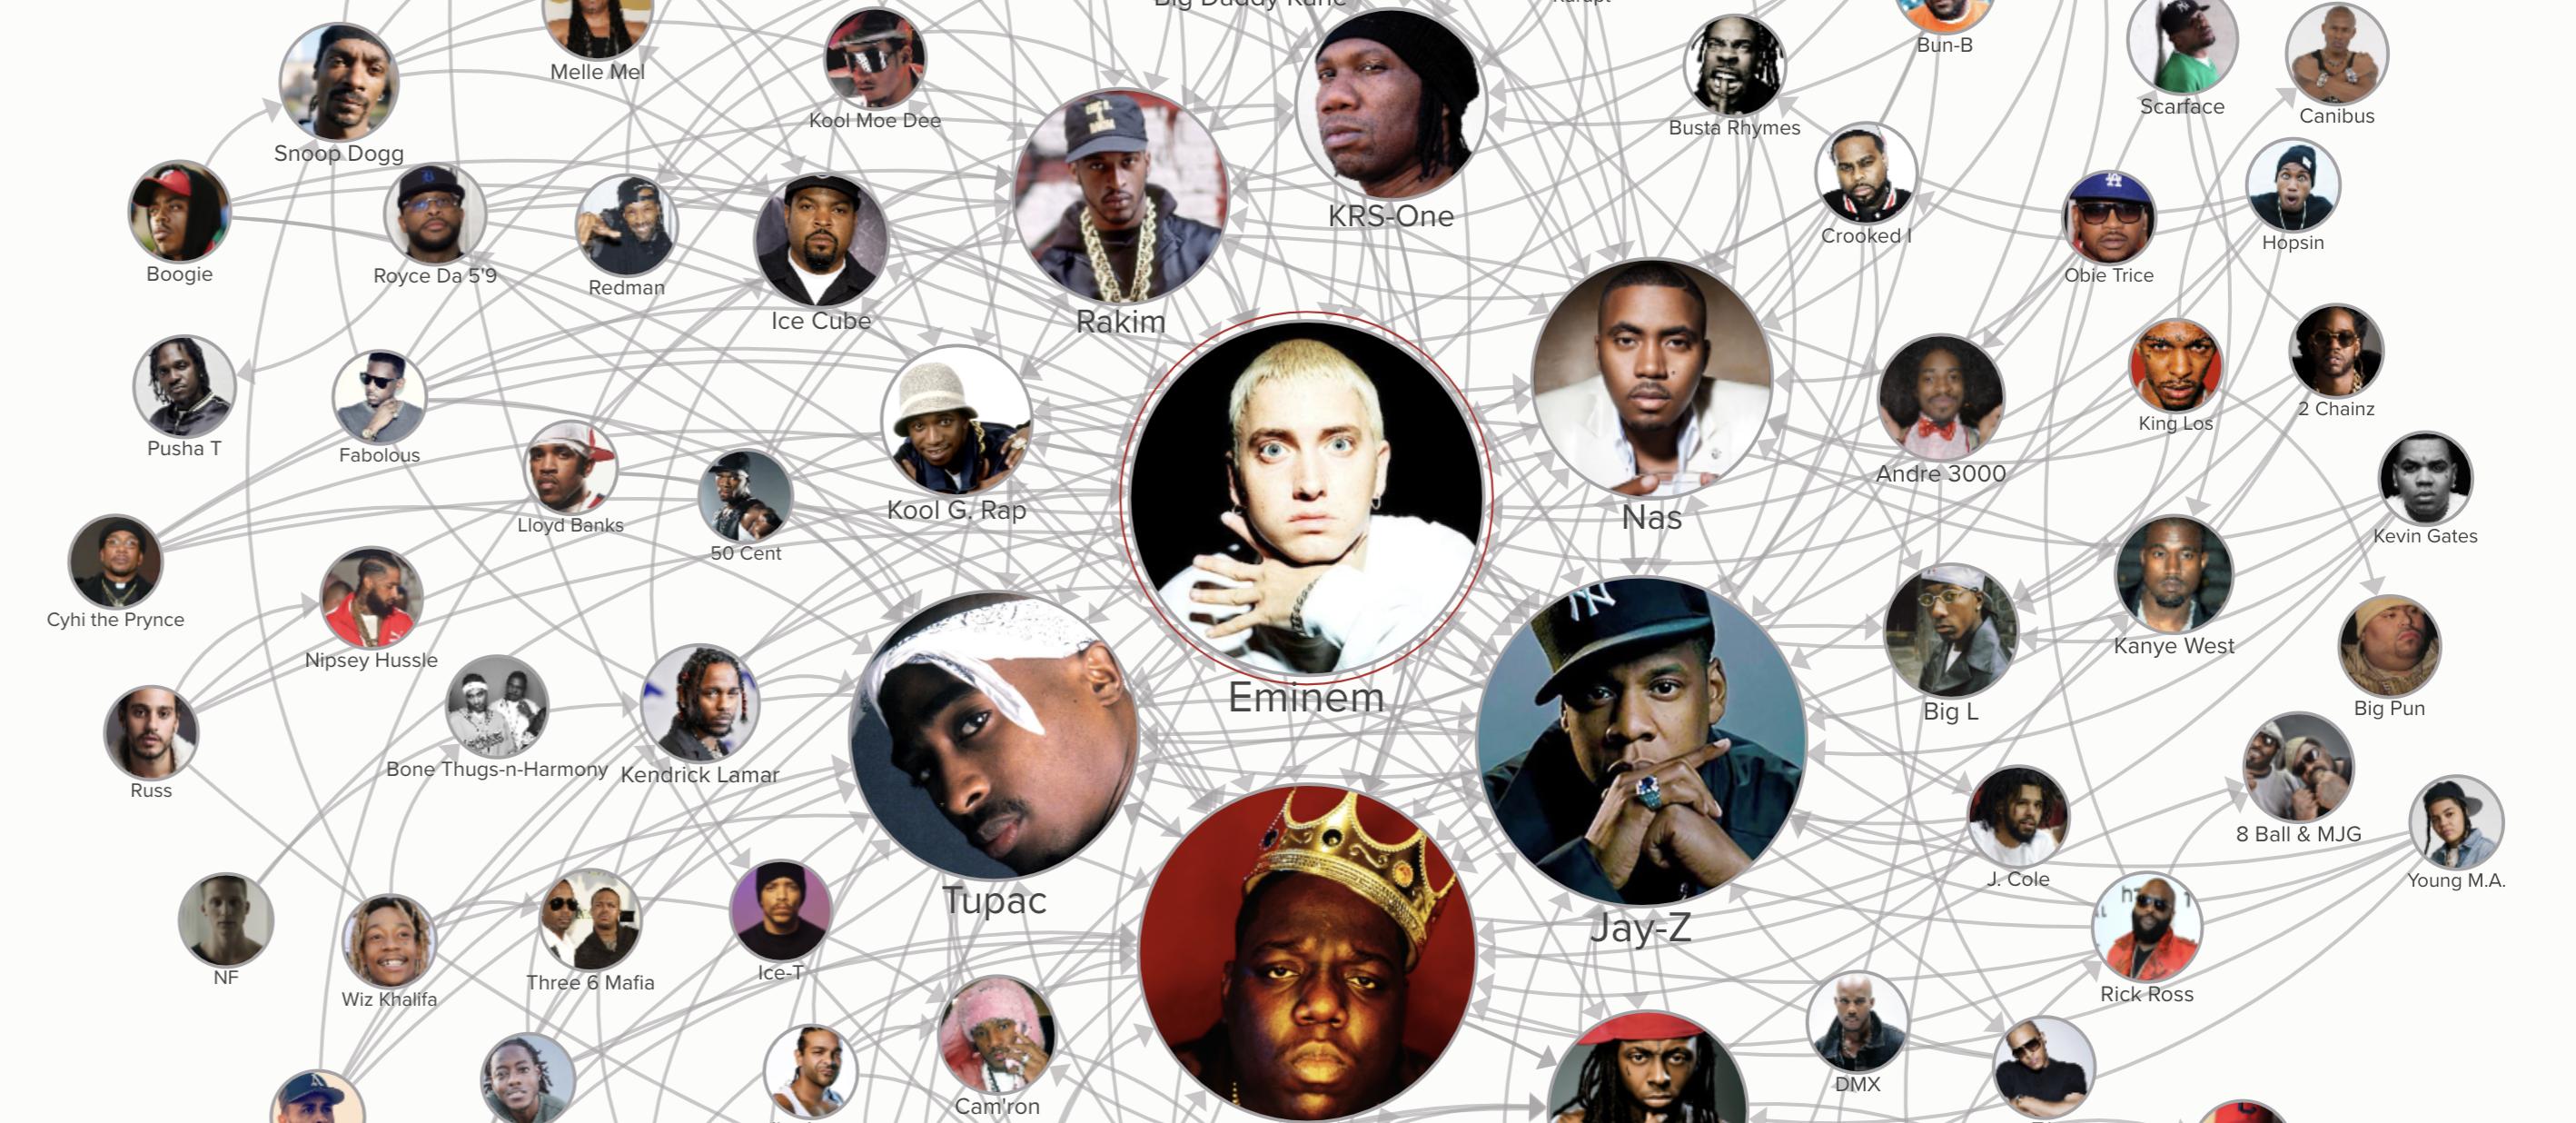 ¿Cuales son los raperos favoritos de tu raperos favoritos?